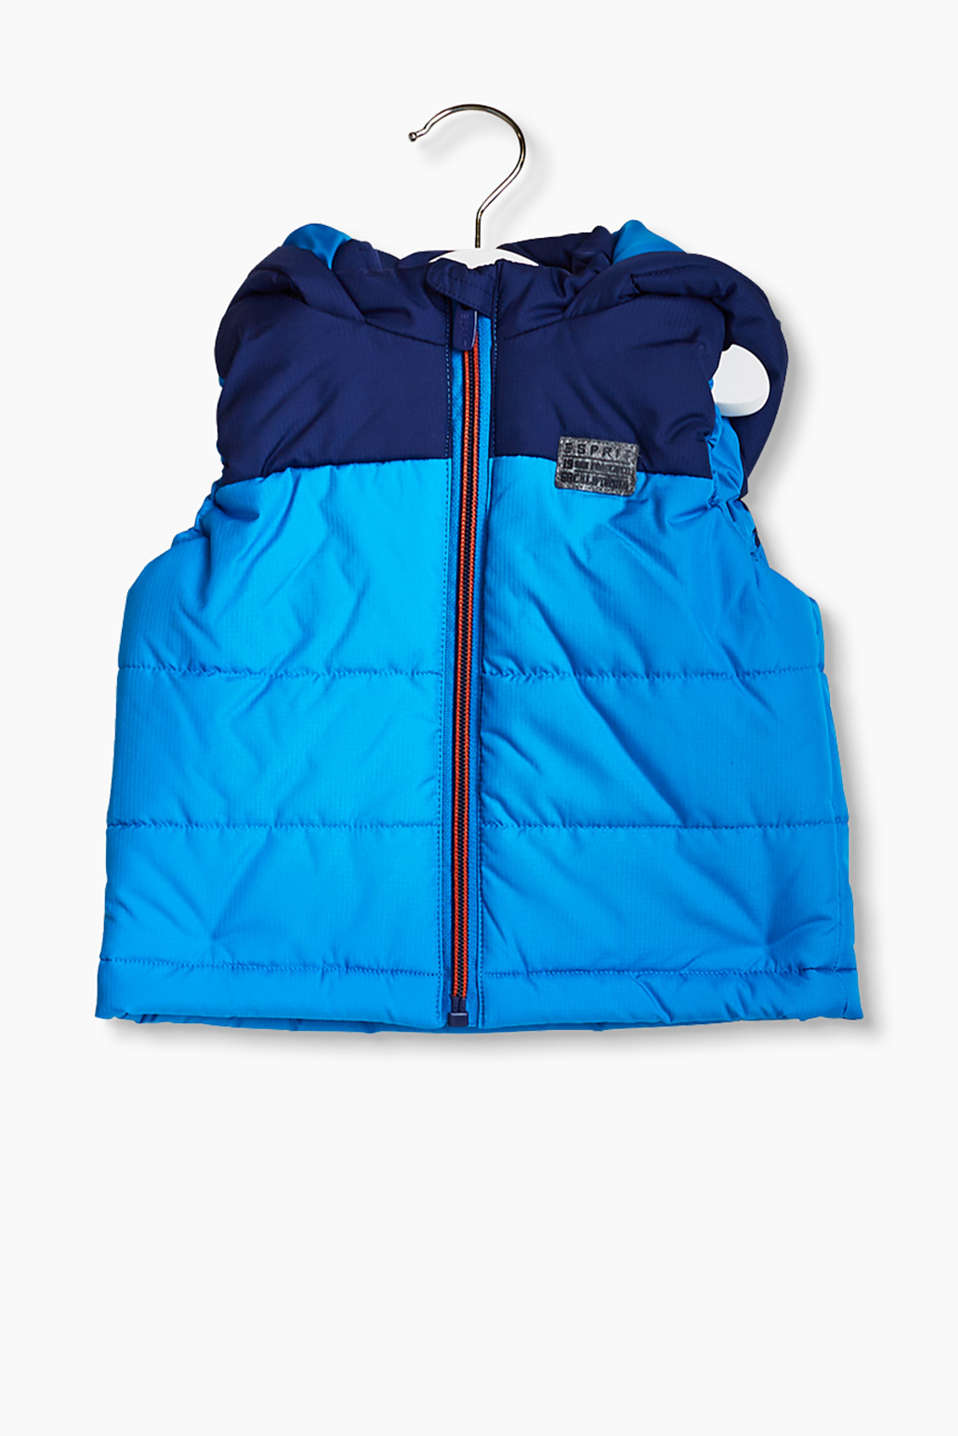 esprit veste bicolore sans manches et capuche acheter sur la boutique en ligne. Black Bedroom Furniture Sets. Home Design Ideas